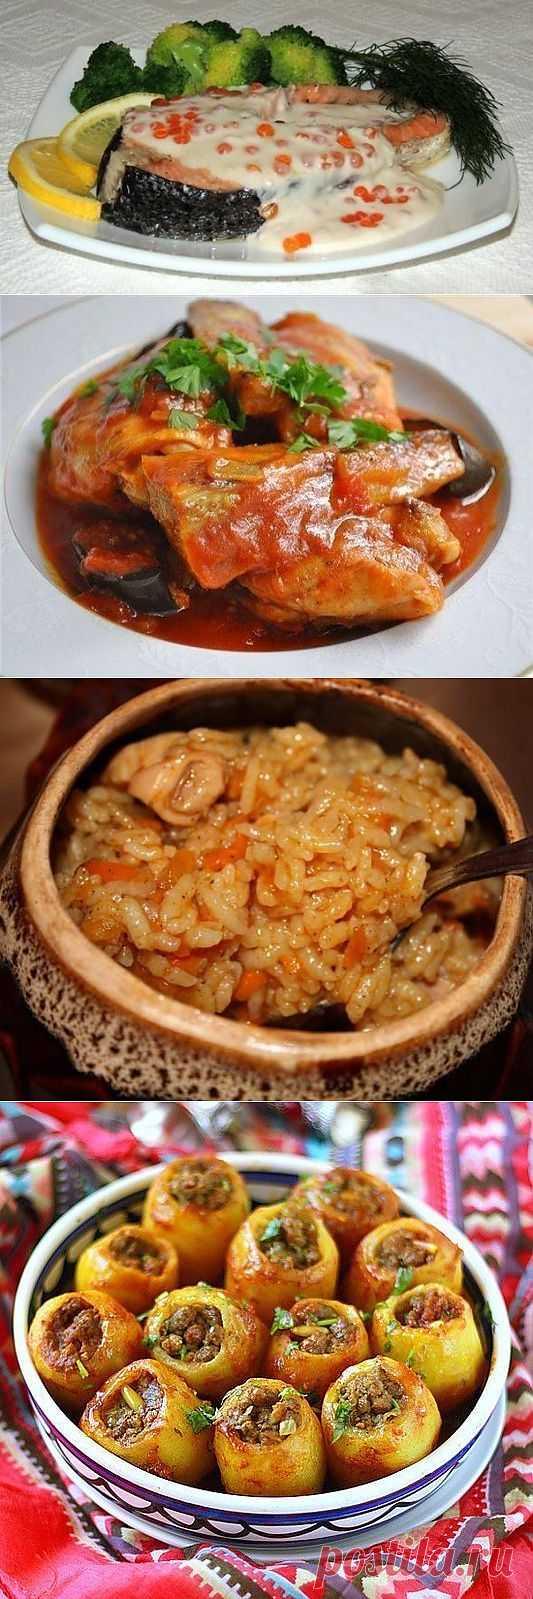 Вторые блюда | Рецепты вкусных и полезных блюд! 3dorov.ru